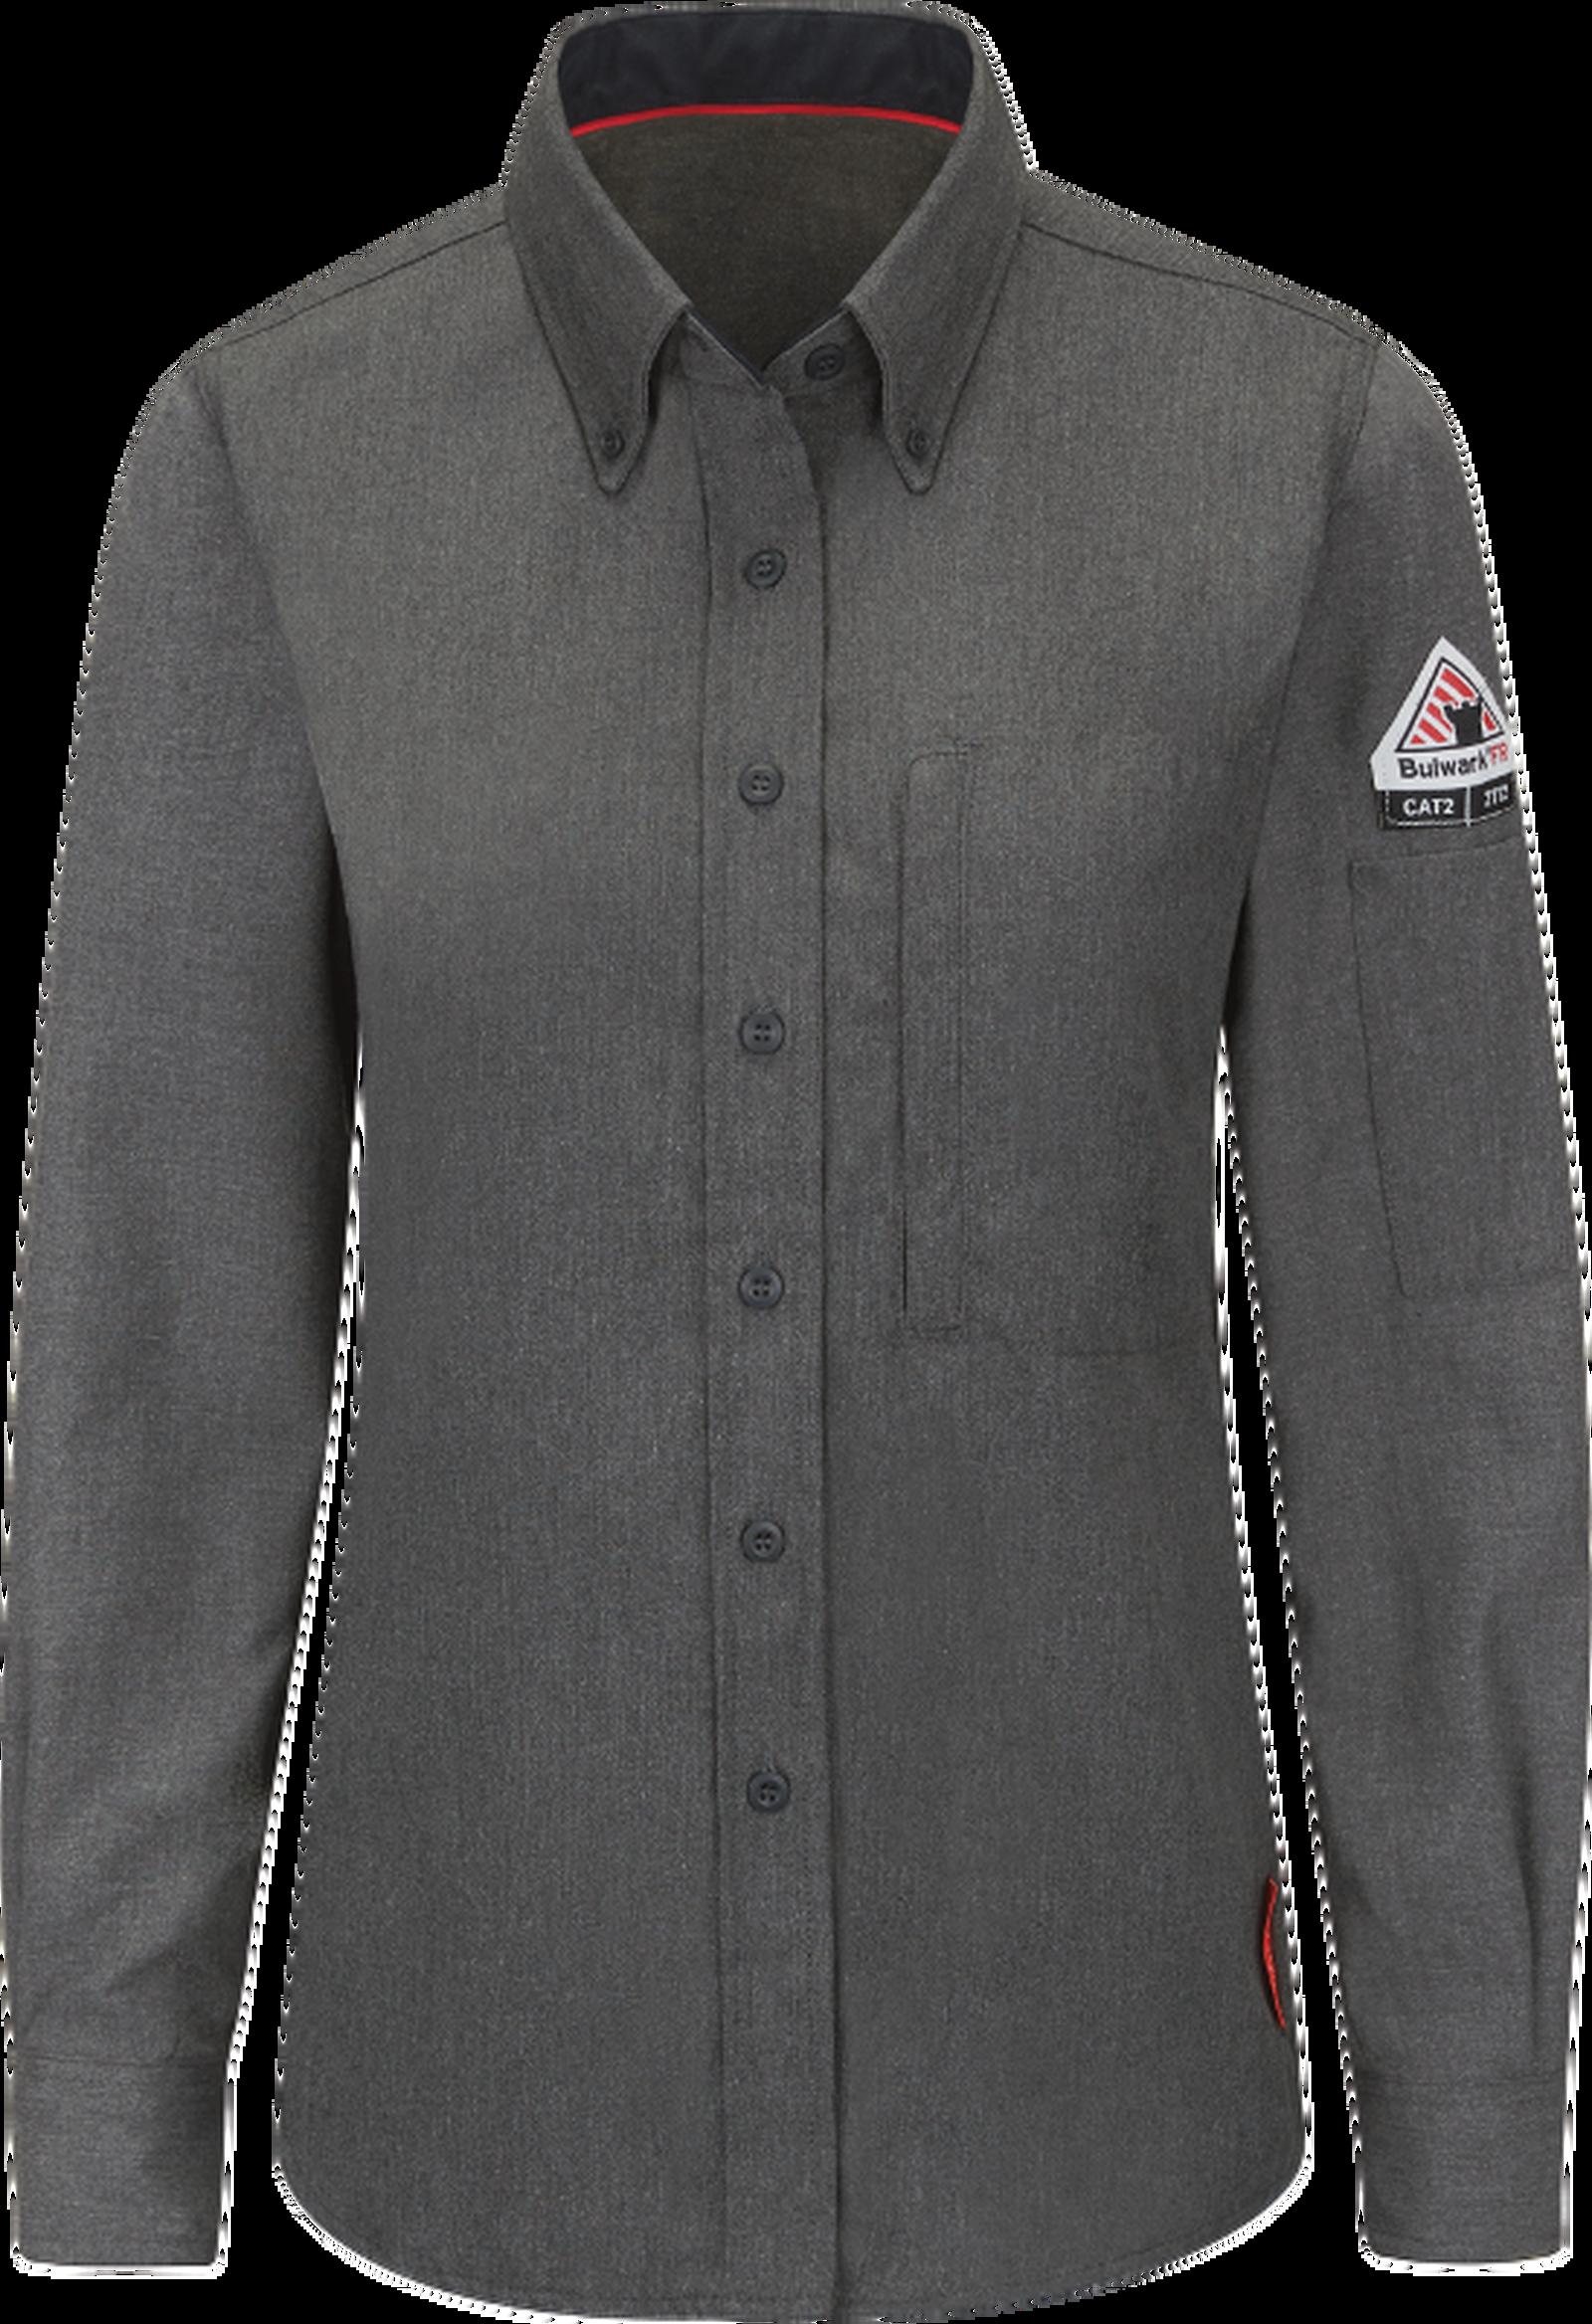 iQ Series® Comfort Woven Women's Lightweight Shirt